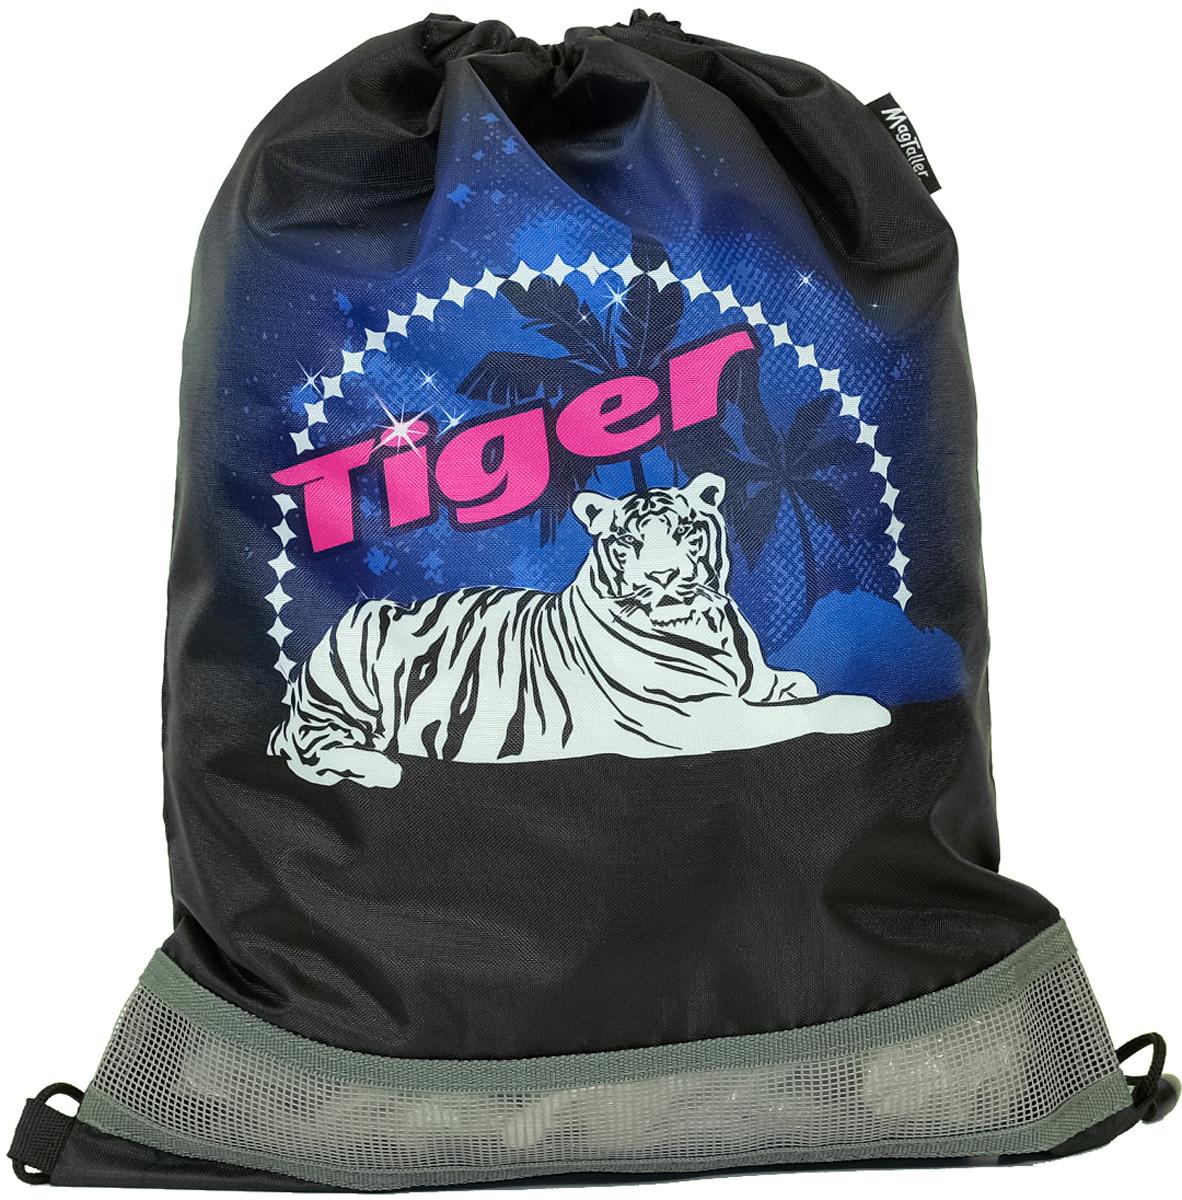 Magtaller Мешок для обуви Ezzy Tiger цена в Москве и Питере